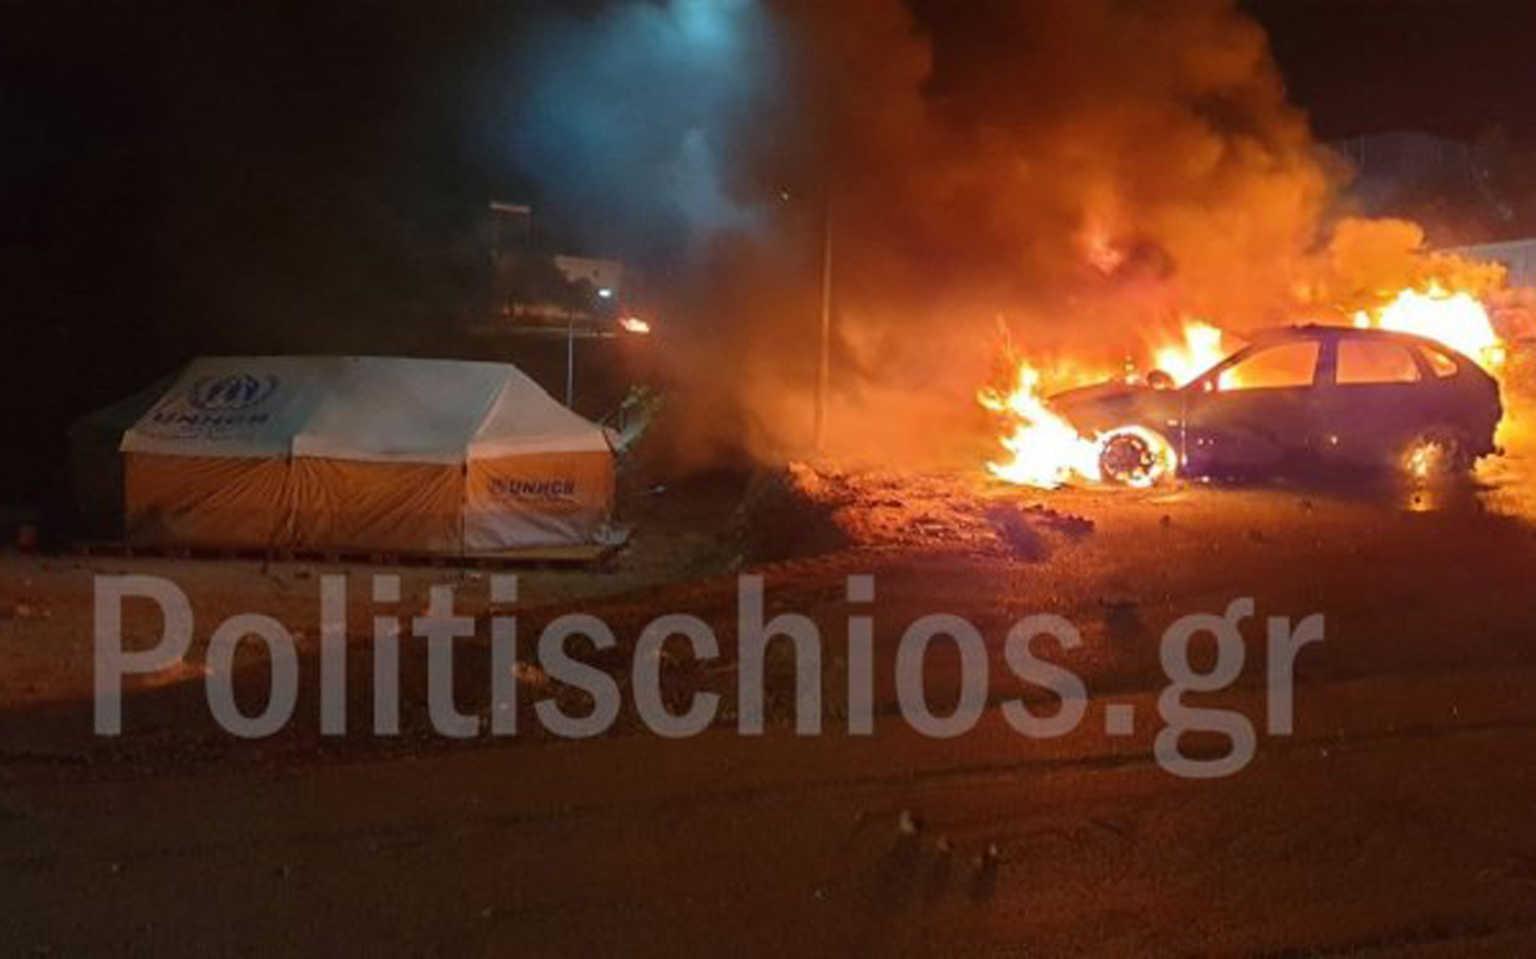 Χίος: Καμένα αυτοκίνητα, σκηνές και οικίσκοι ο απολογισμός των επεισοδίων στη ΒΙ.ΑΛ.